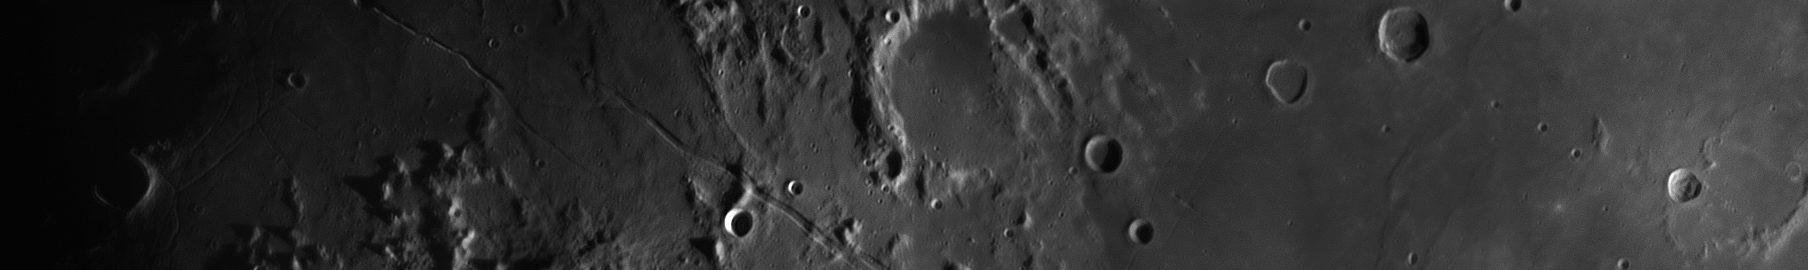 Découvrir la lune